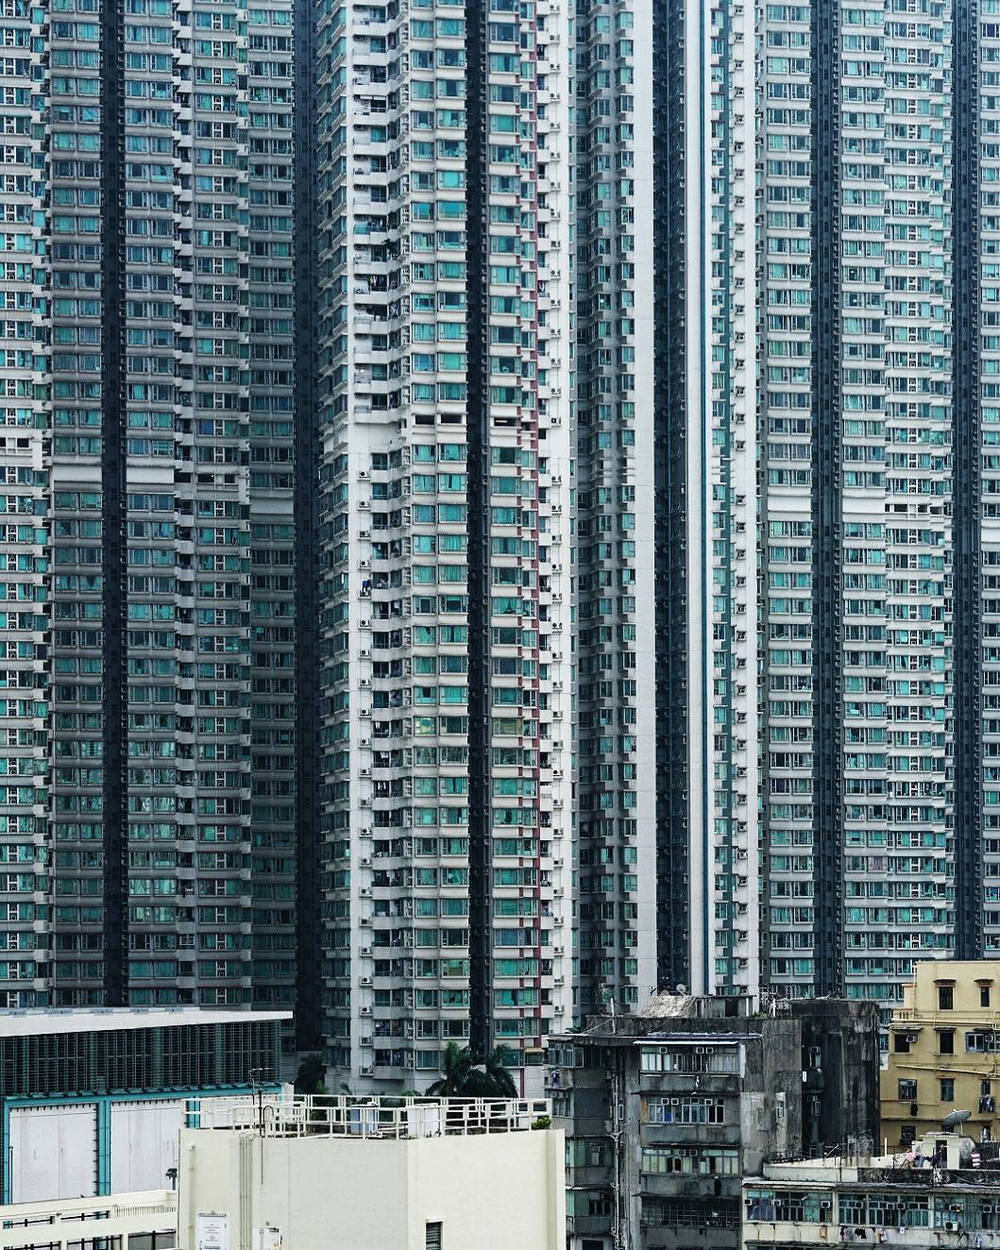 Фантастические фотографии Гонконга от Нуну Асиша